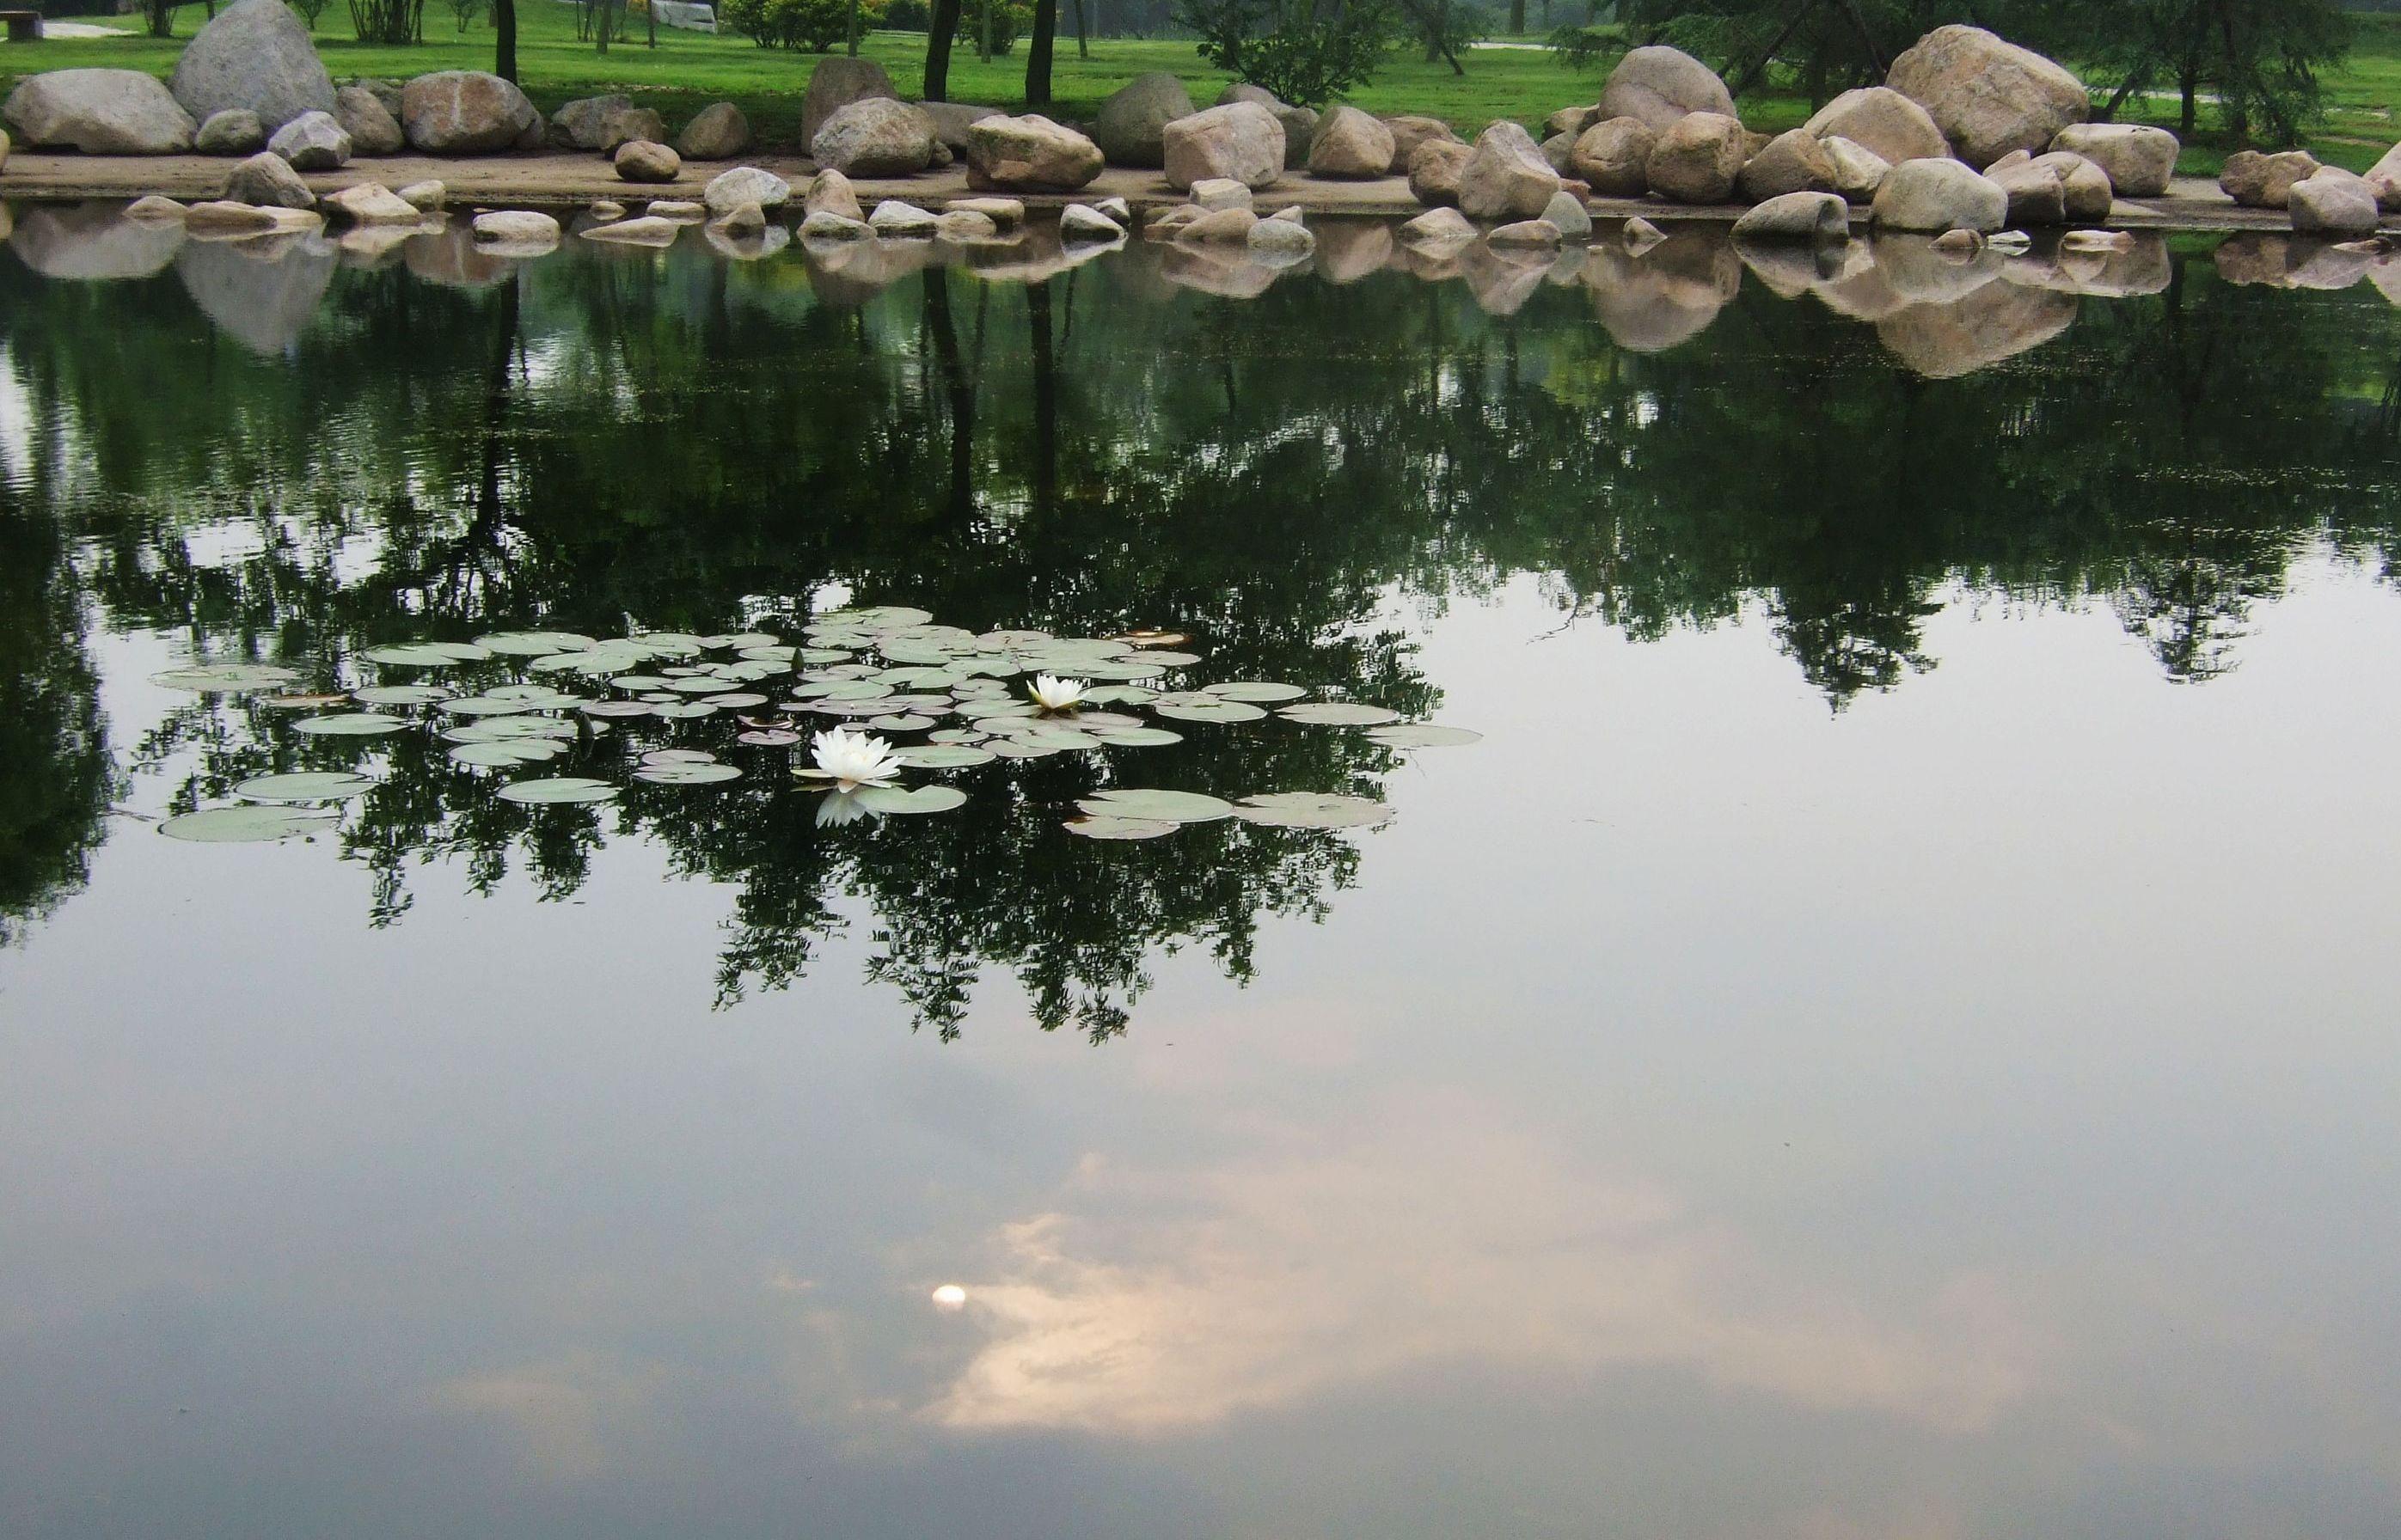 晨练摄影 - 杨兰 - dxyanglan 的博客